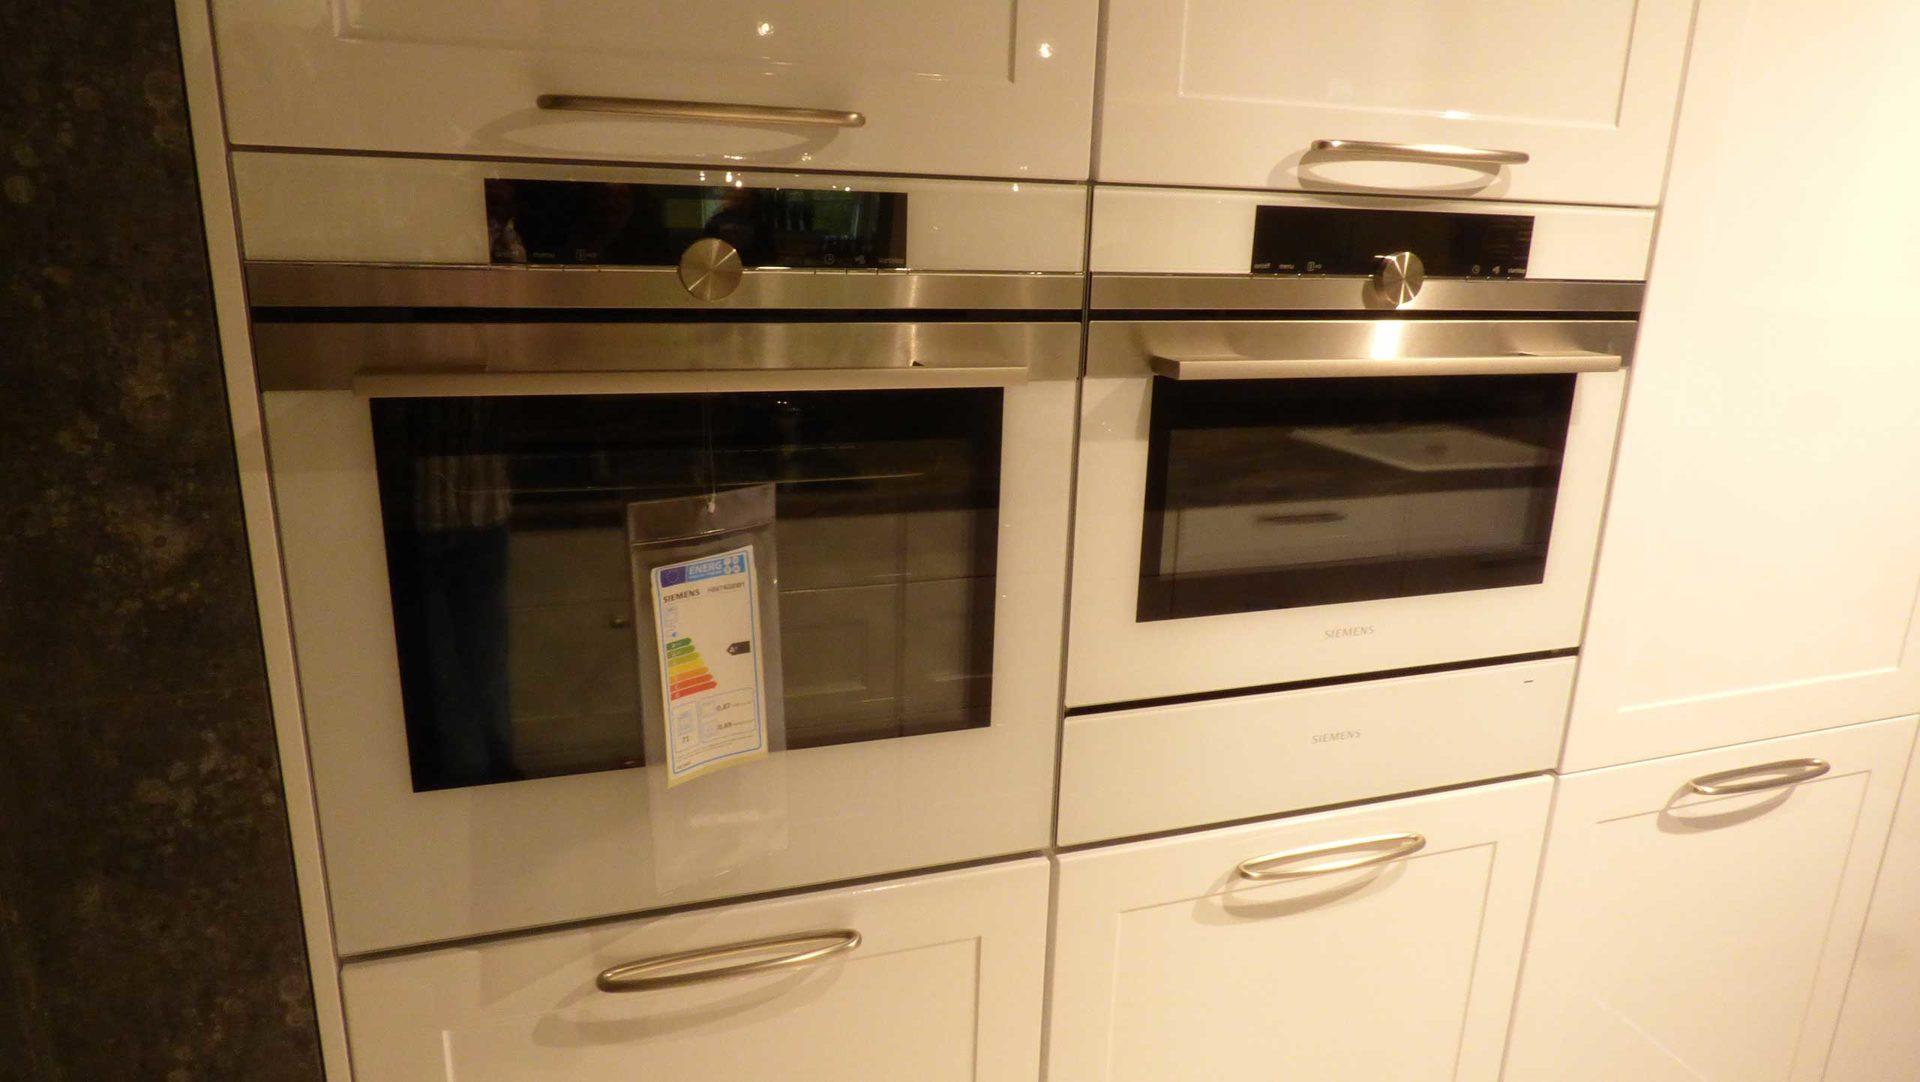 Nett Günstige Küchenschränke Online Kaufen Bilder - Wohnzimmer ...